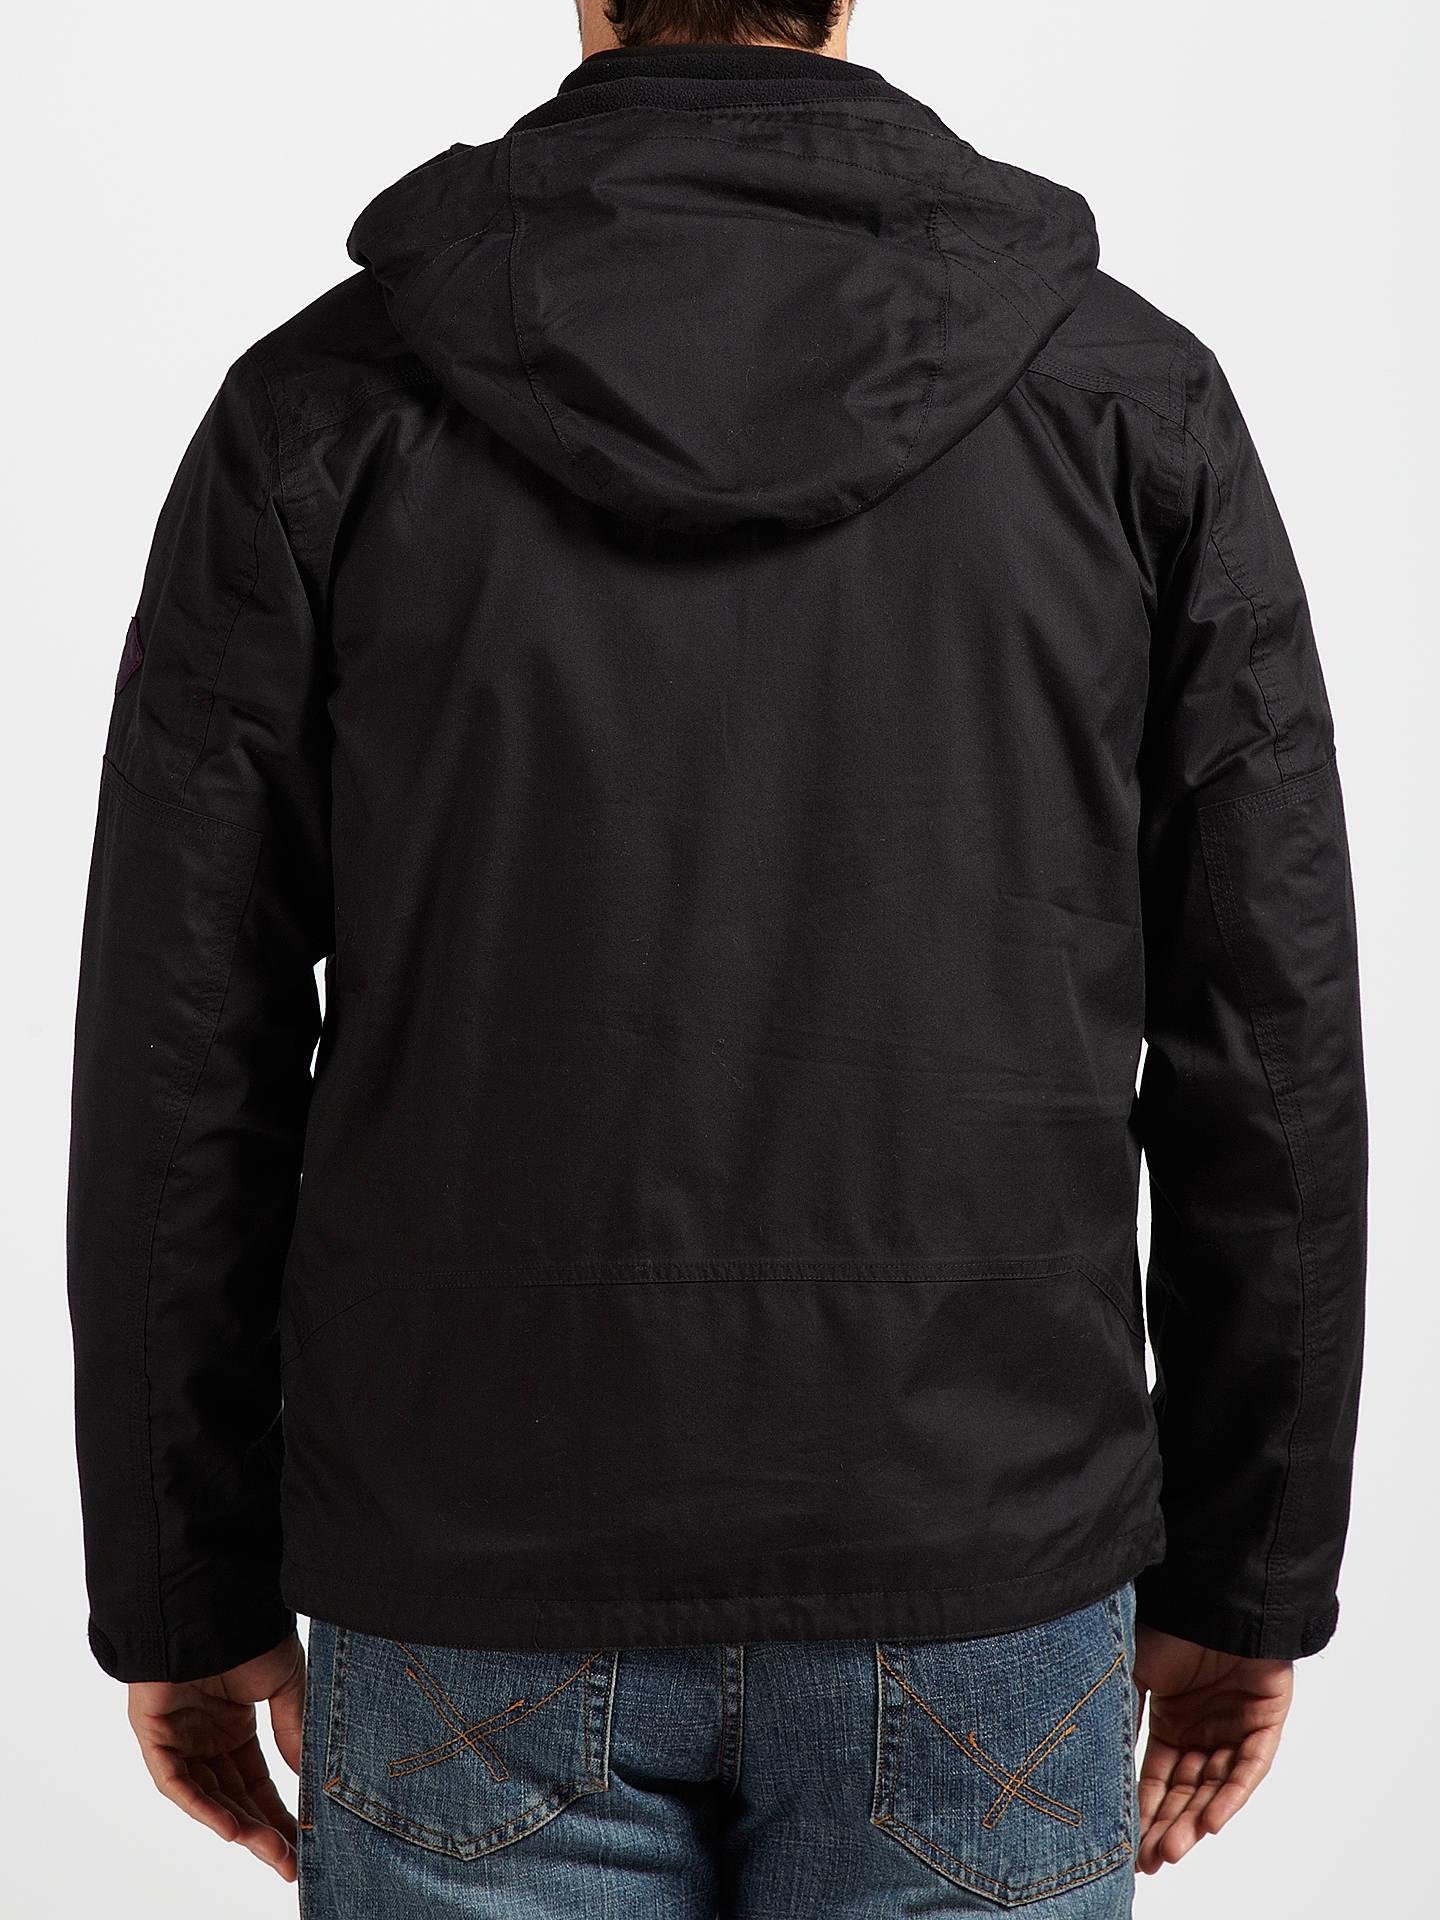 100% quality quarantee limited price fashion Timberland Benton Waterproof Jacket at John Lewis & Partners